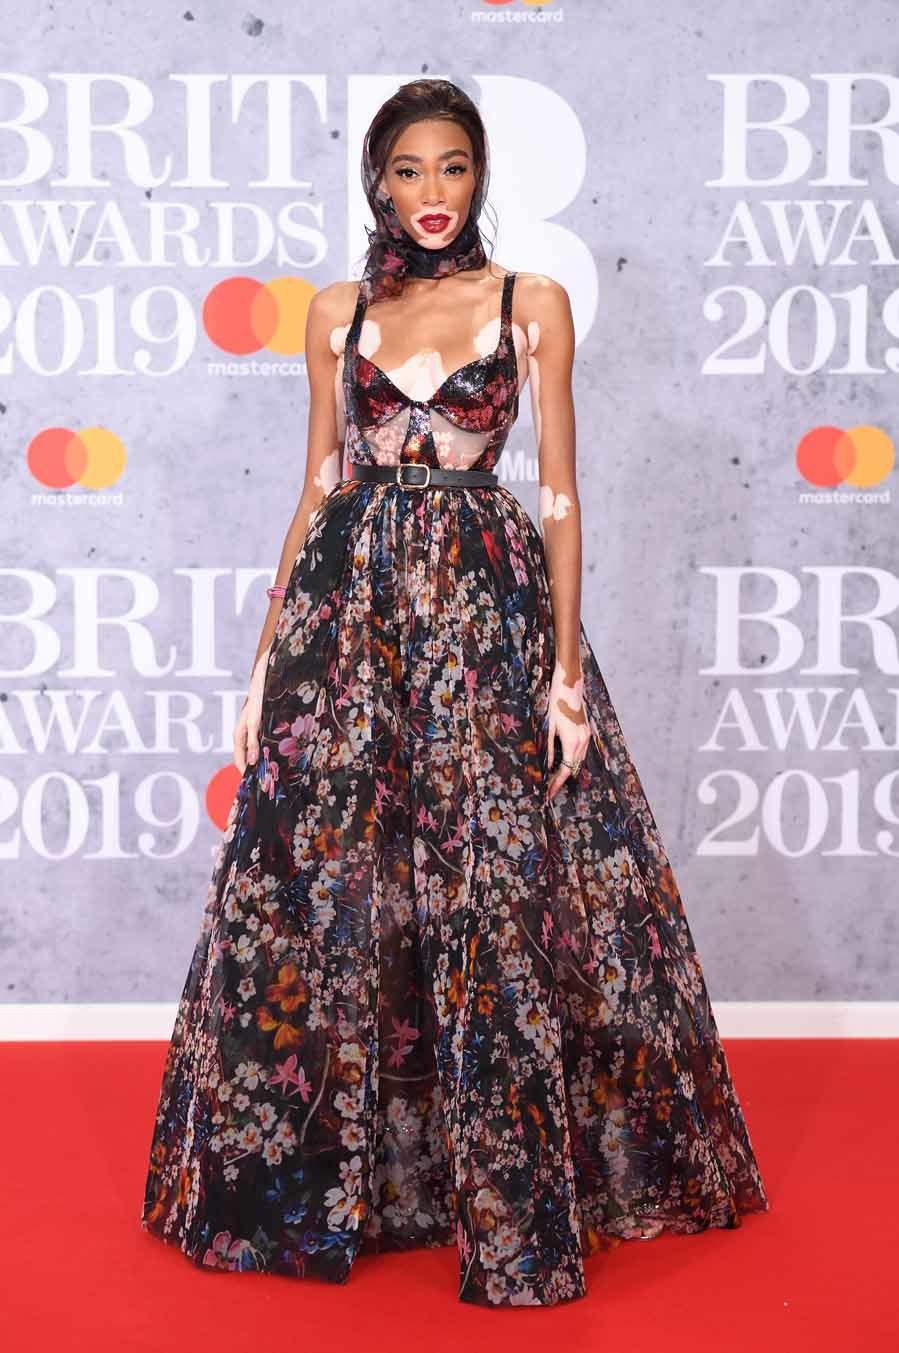 Winnie Harlow - BRIT Awards 2019